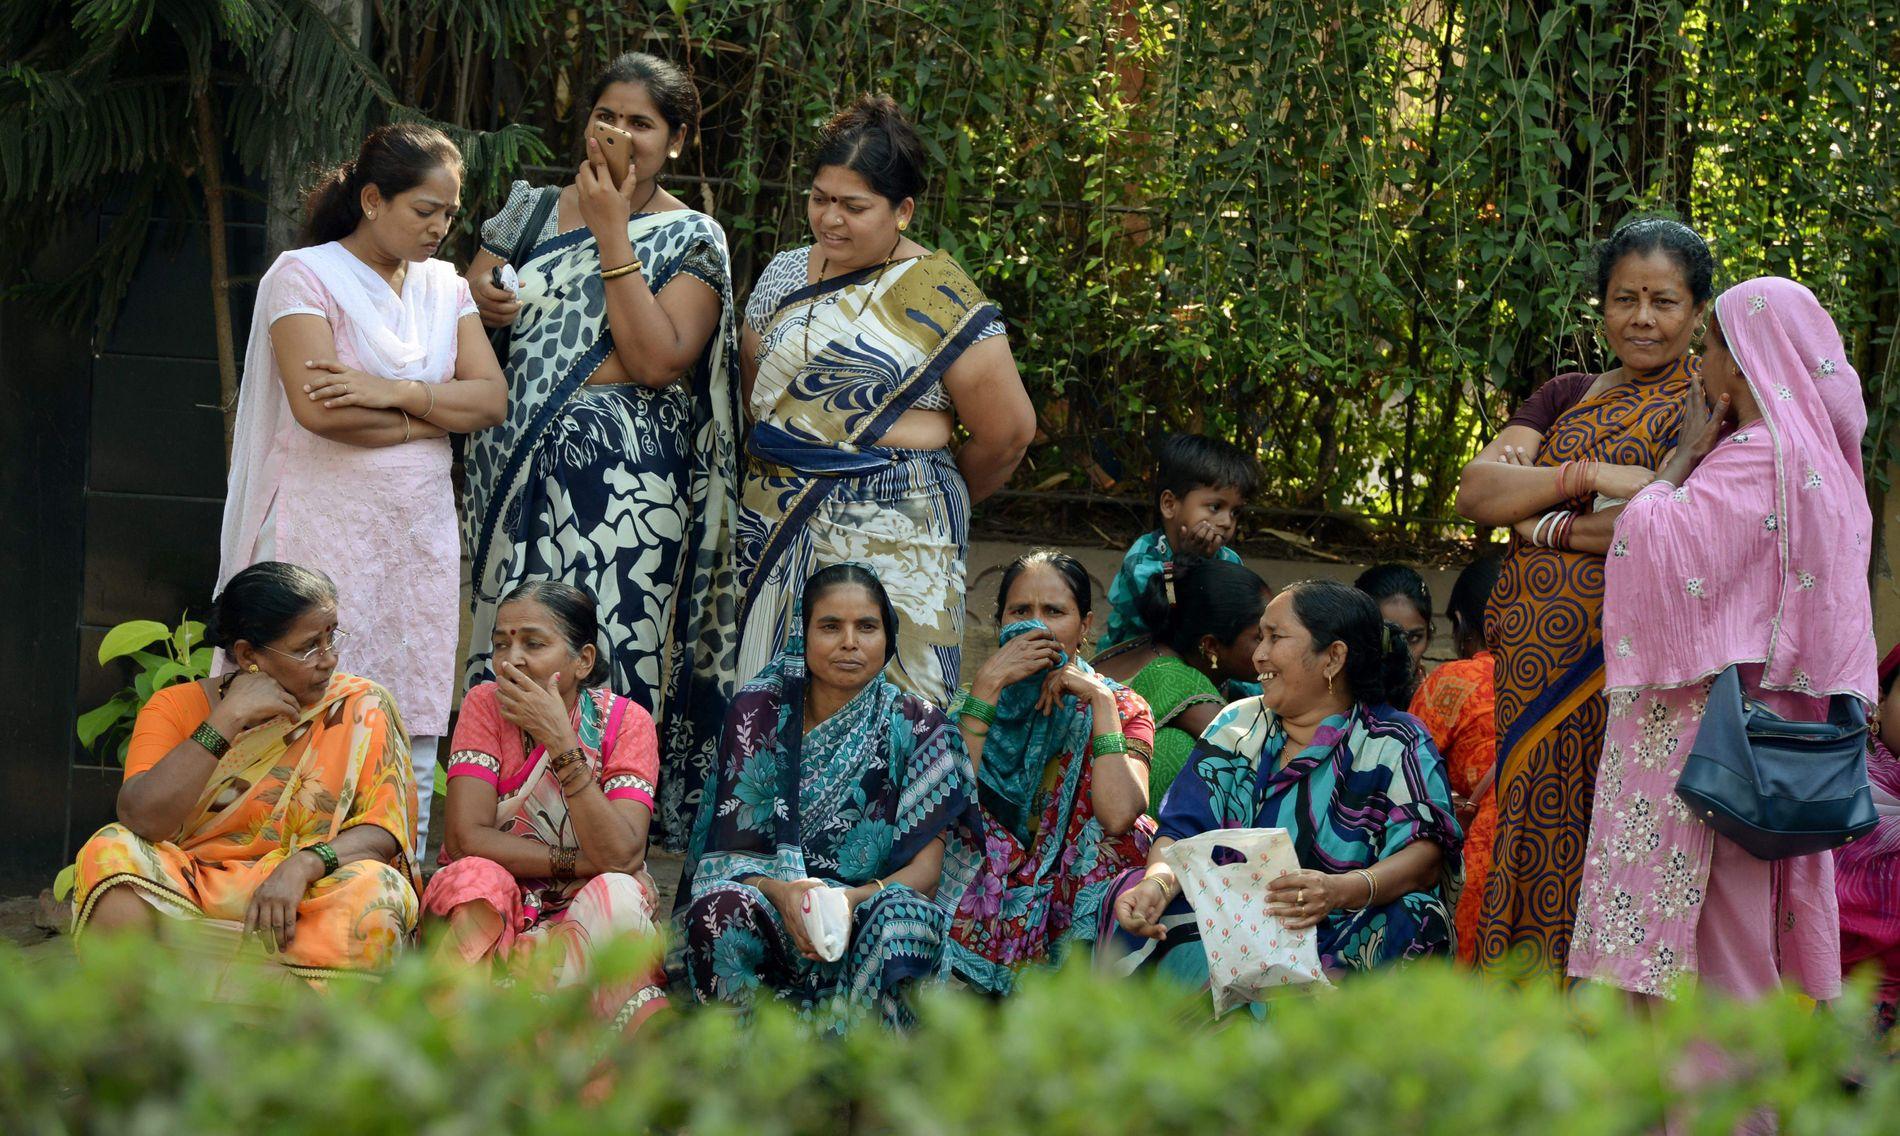 SØRGENDE: Etter at dødsfallet ble kjent samlet det seg store menneskemengder utenfor Kapoors bolig i  Mumbai.